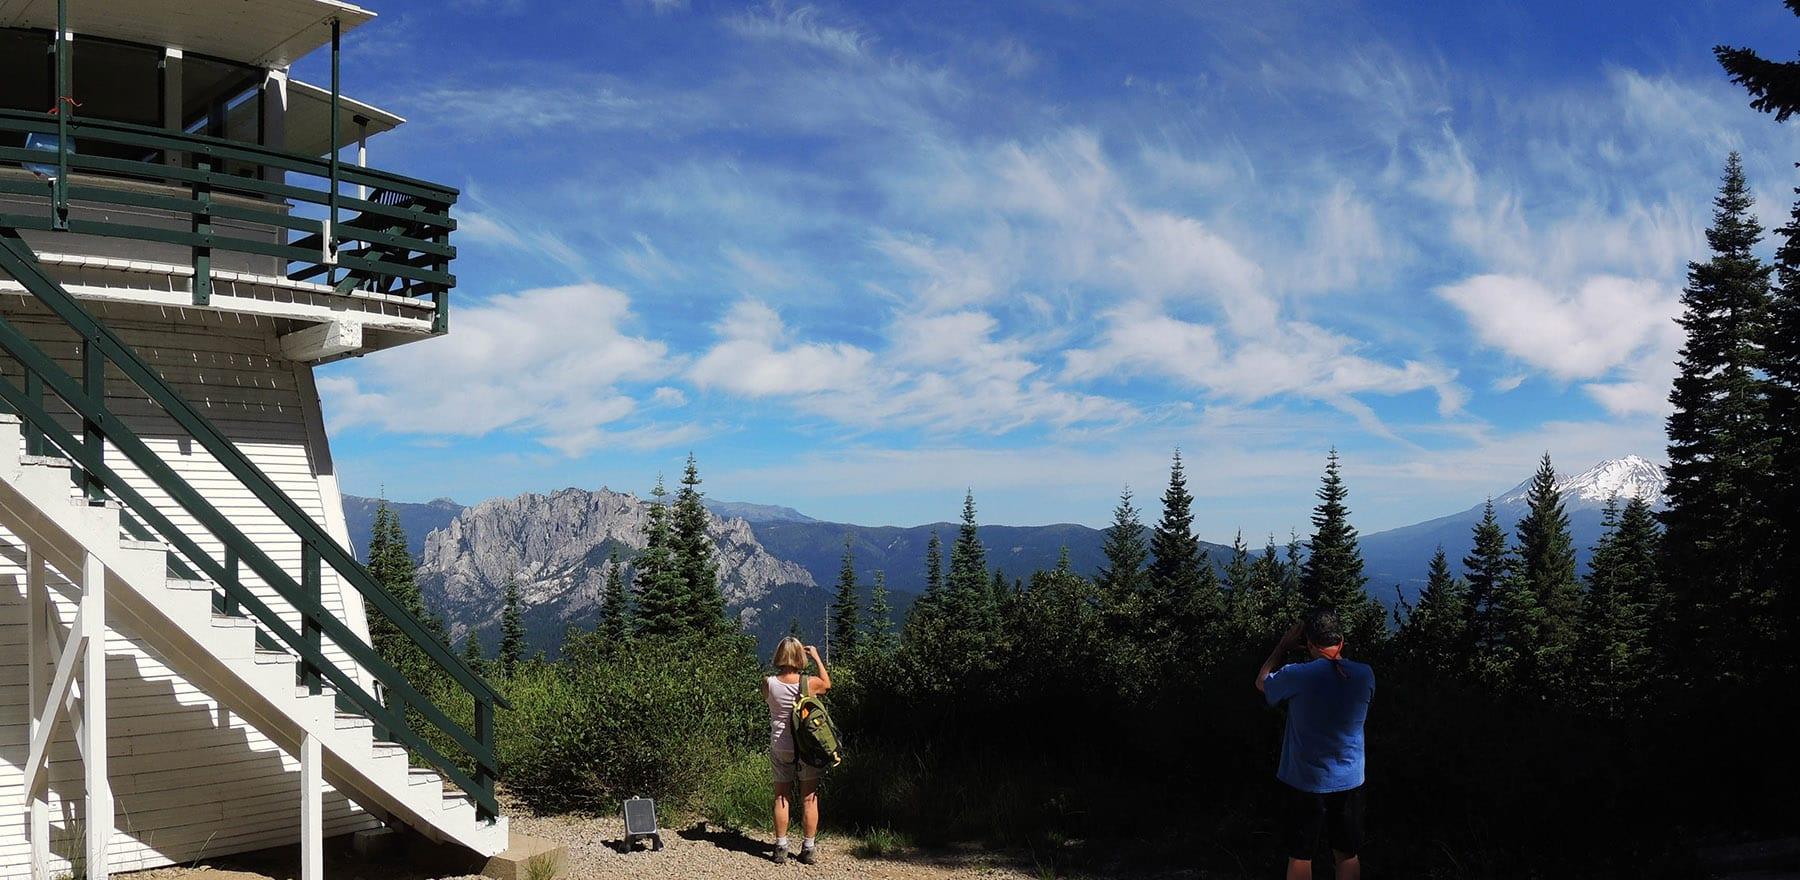 Girard Ridge with MtSTA